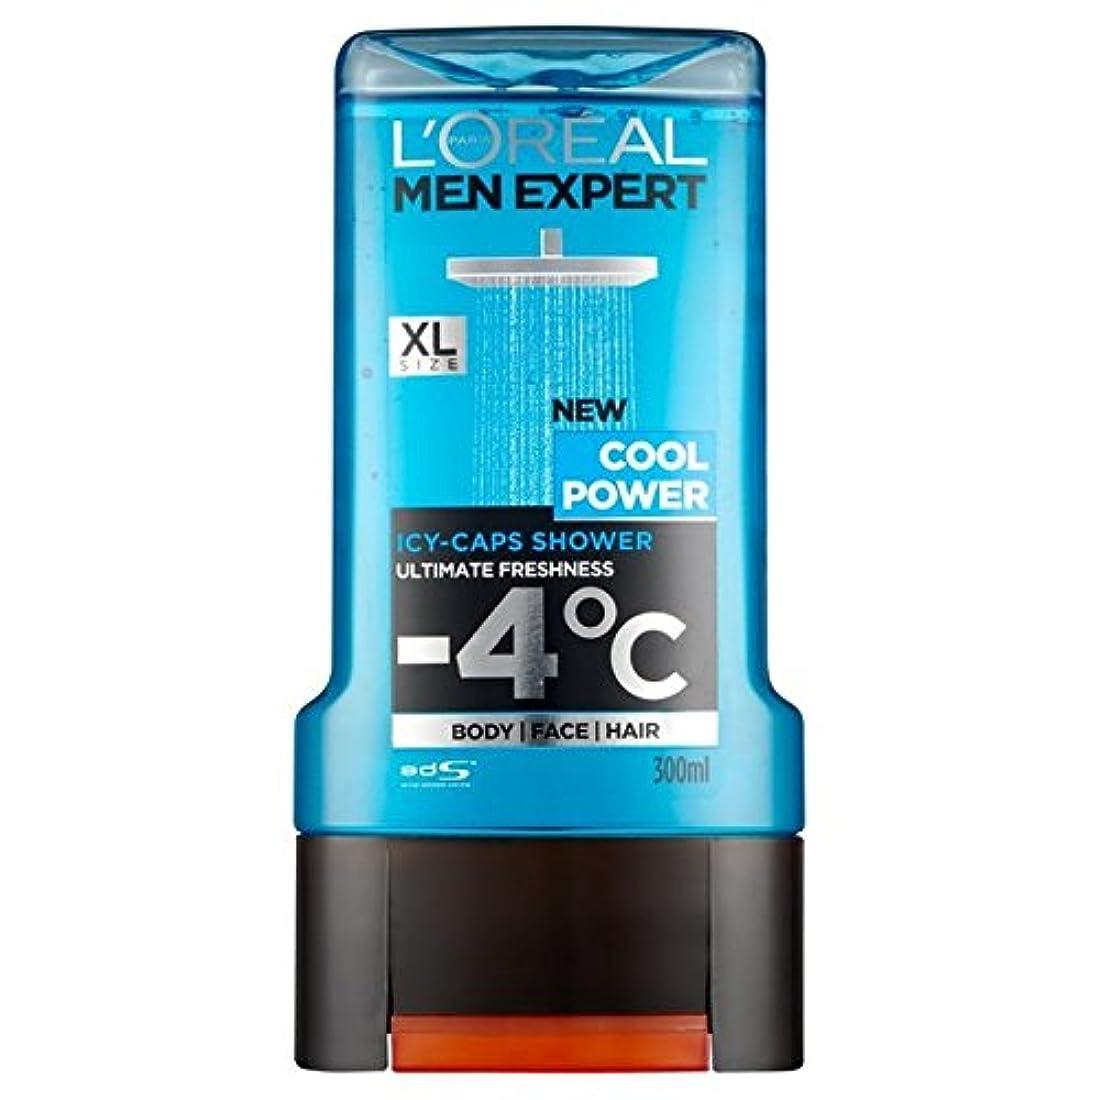 意図宿泊施設被害者ロレアルパリの男性の専門家のクールなパワーシャワージェル300ミリリットル x4 - L'Oreal Paris Men Expert Cool Power Shower Gel 300ml (Pack of 4) [並行輸入品]